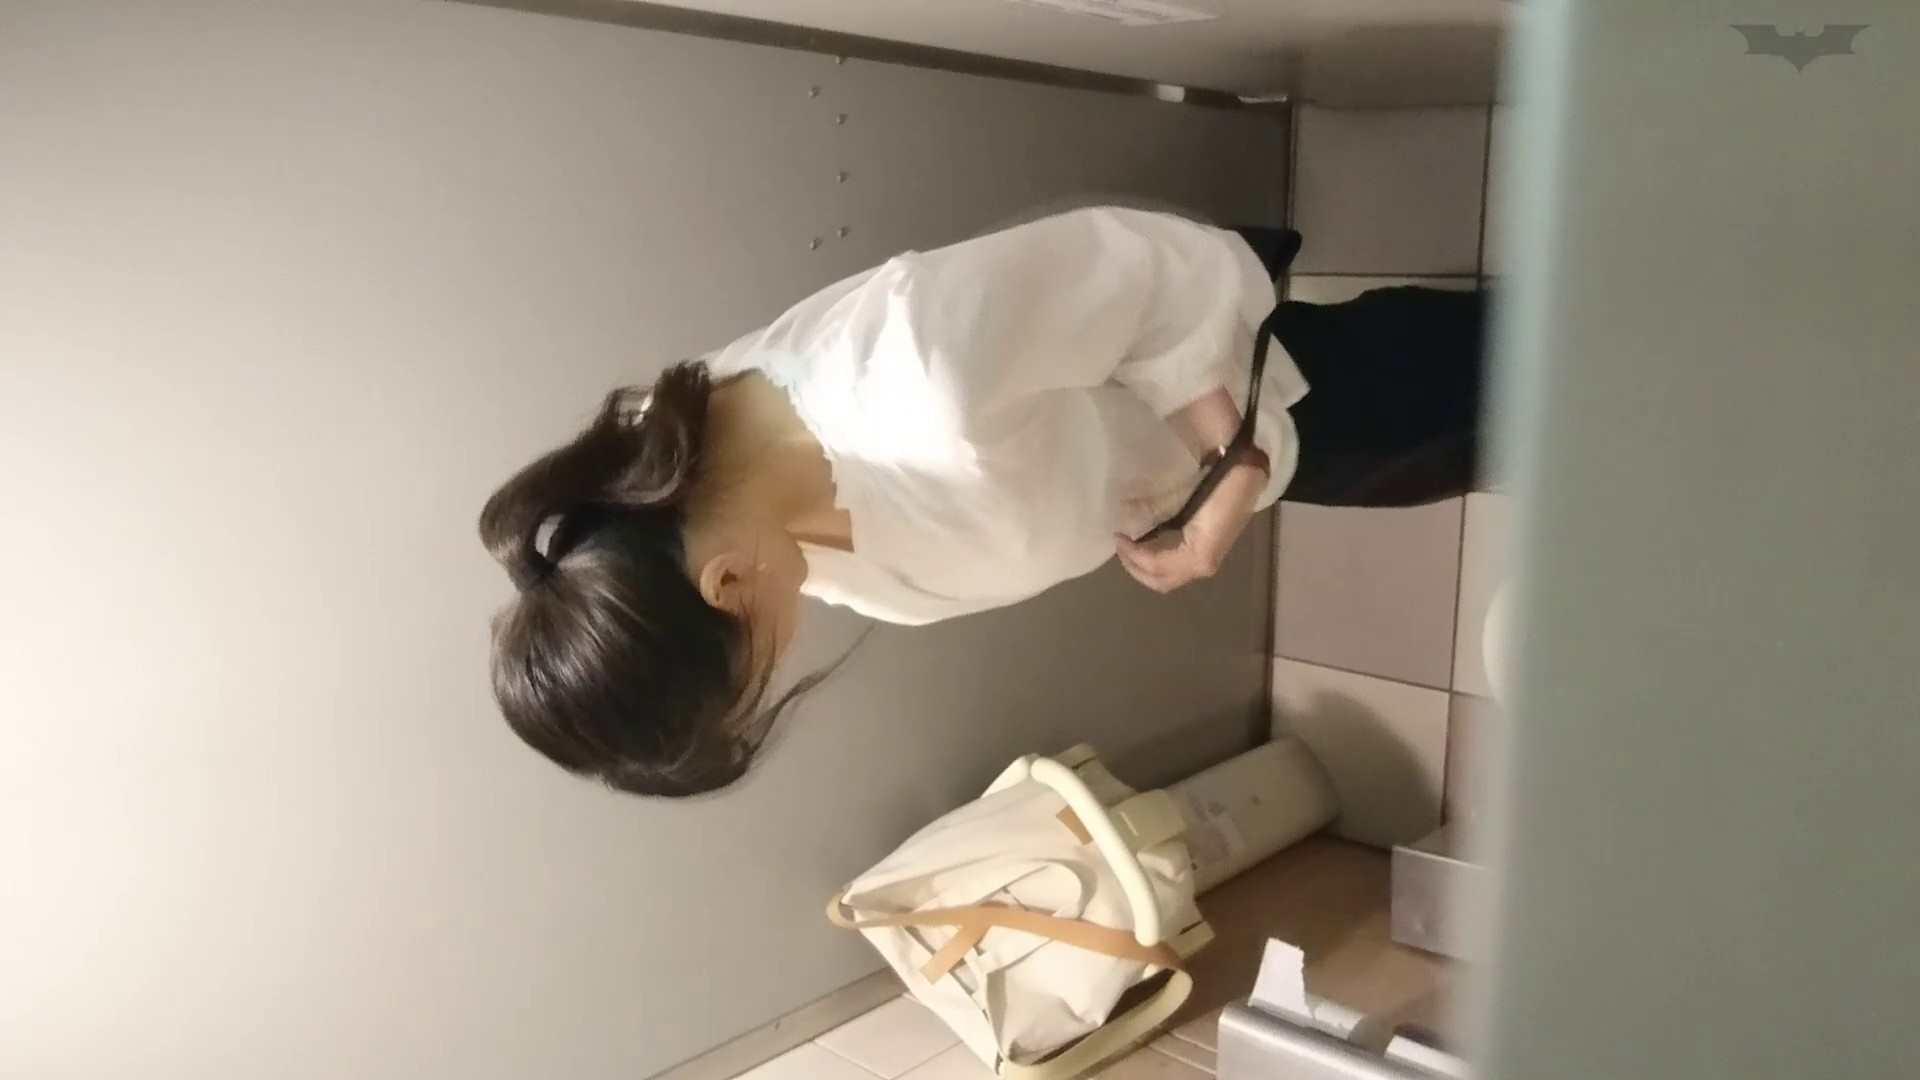 化粧室絵巻 ショッピングモール編 VOL.22 高評価 スケベ動画紹介 24画像 7